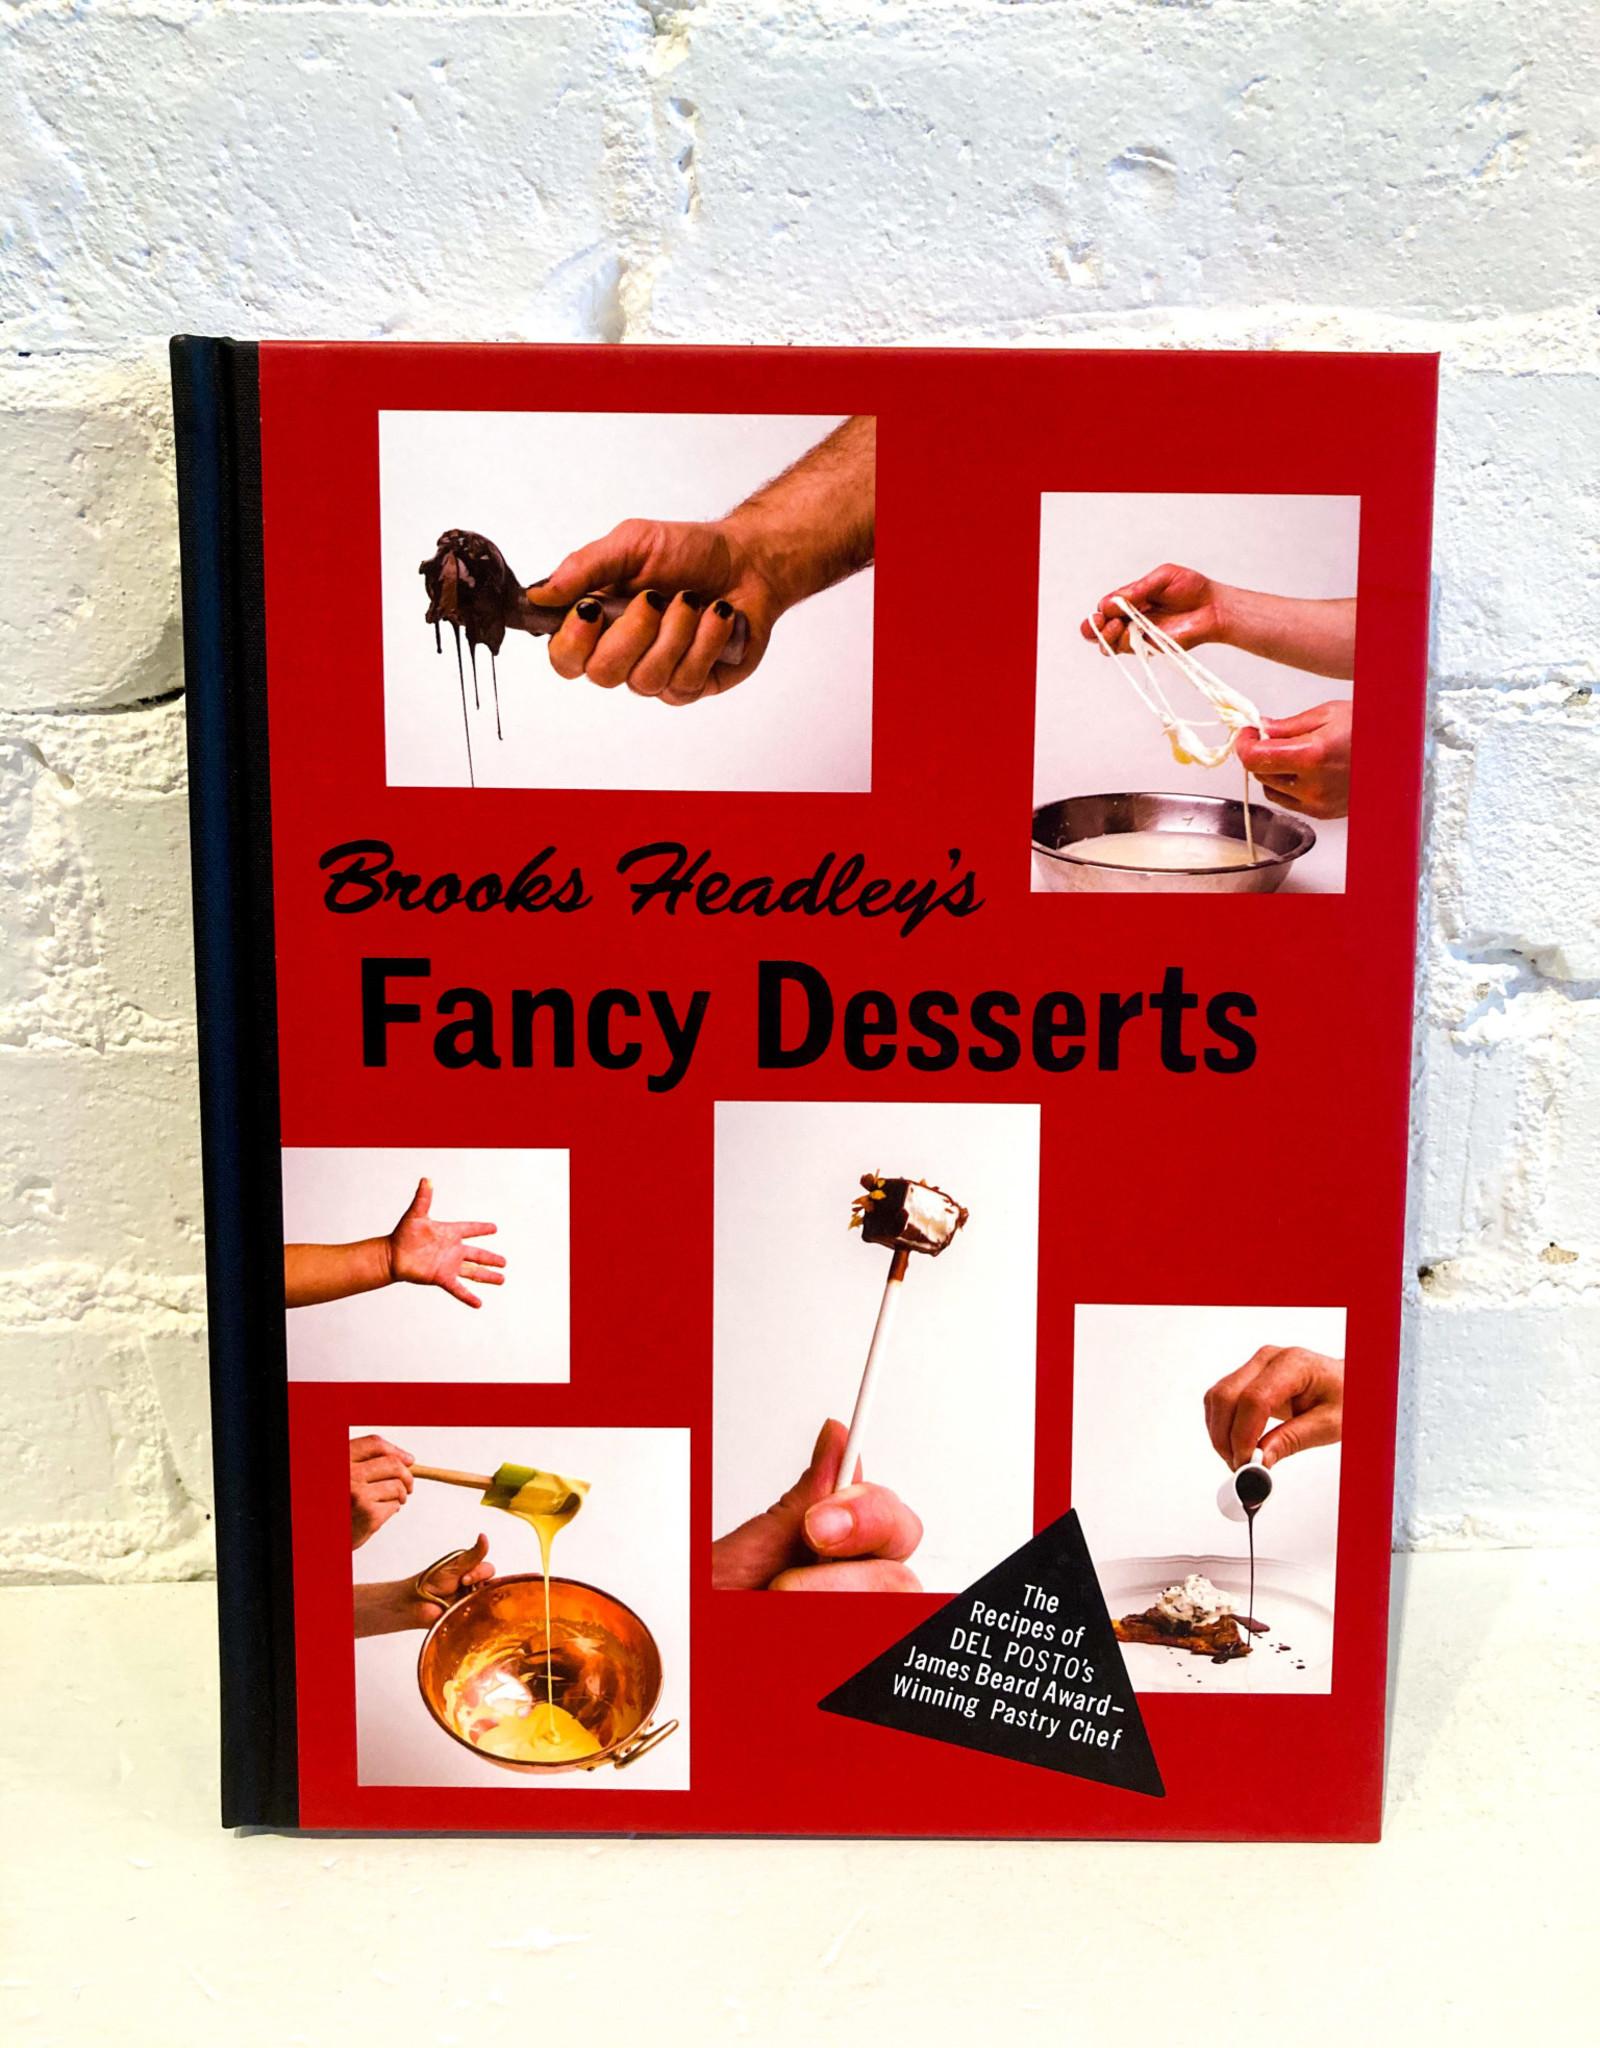 Fancy Desserts by Brooke Headley